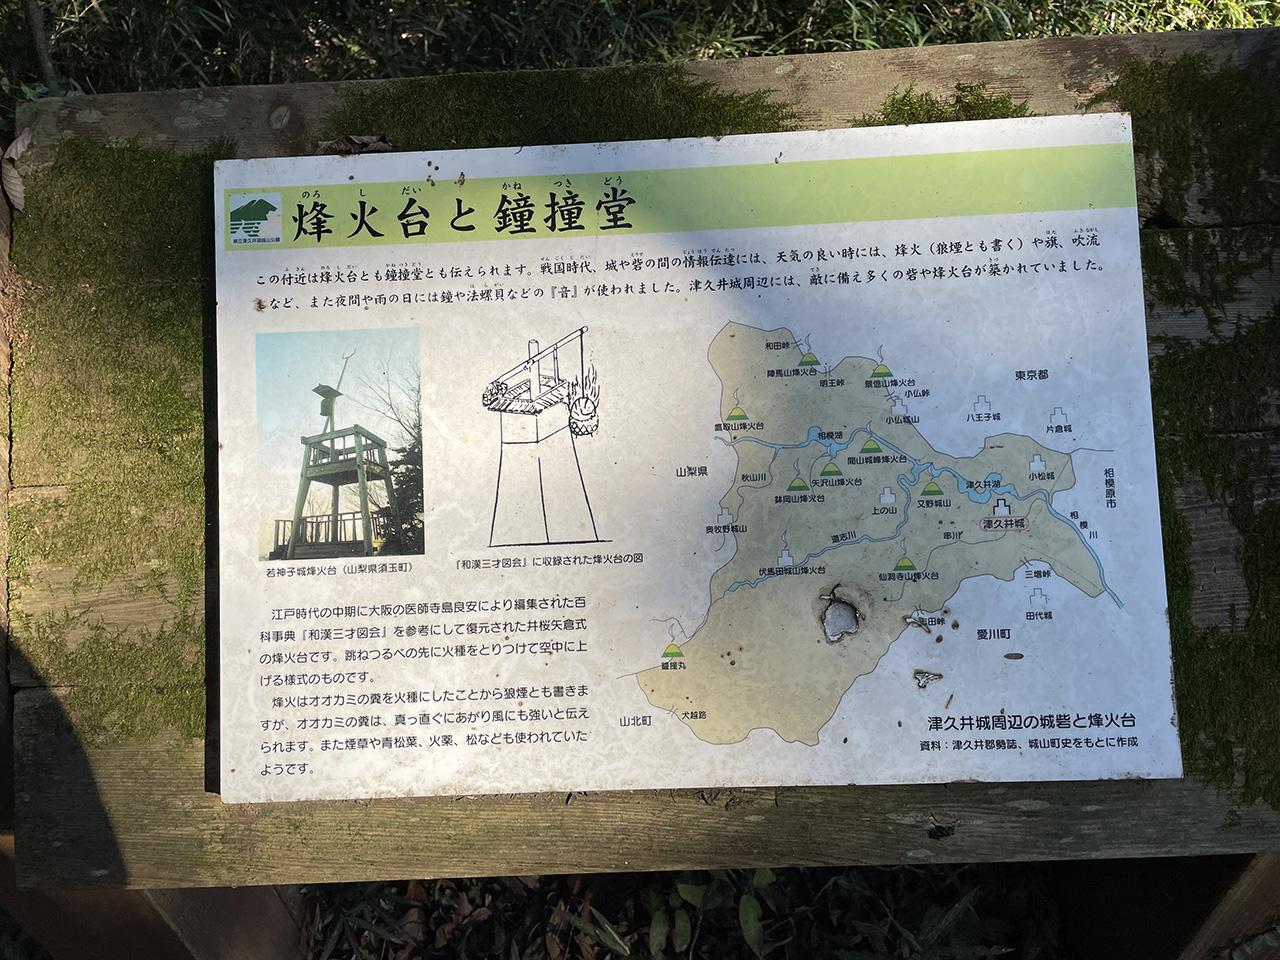 津久井城の烽火台と鐘撞堂の案内板